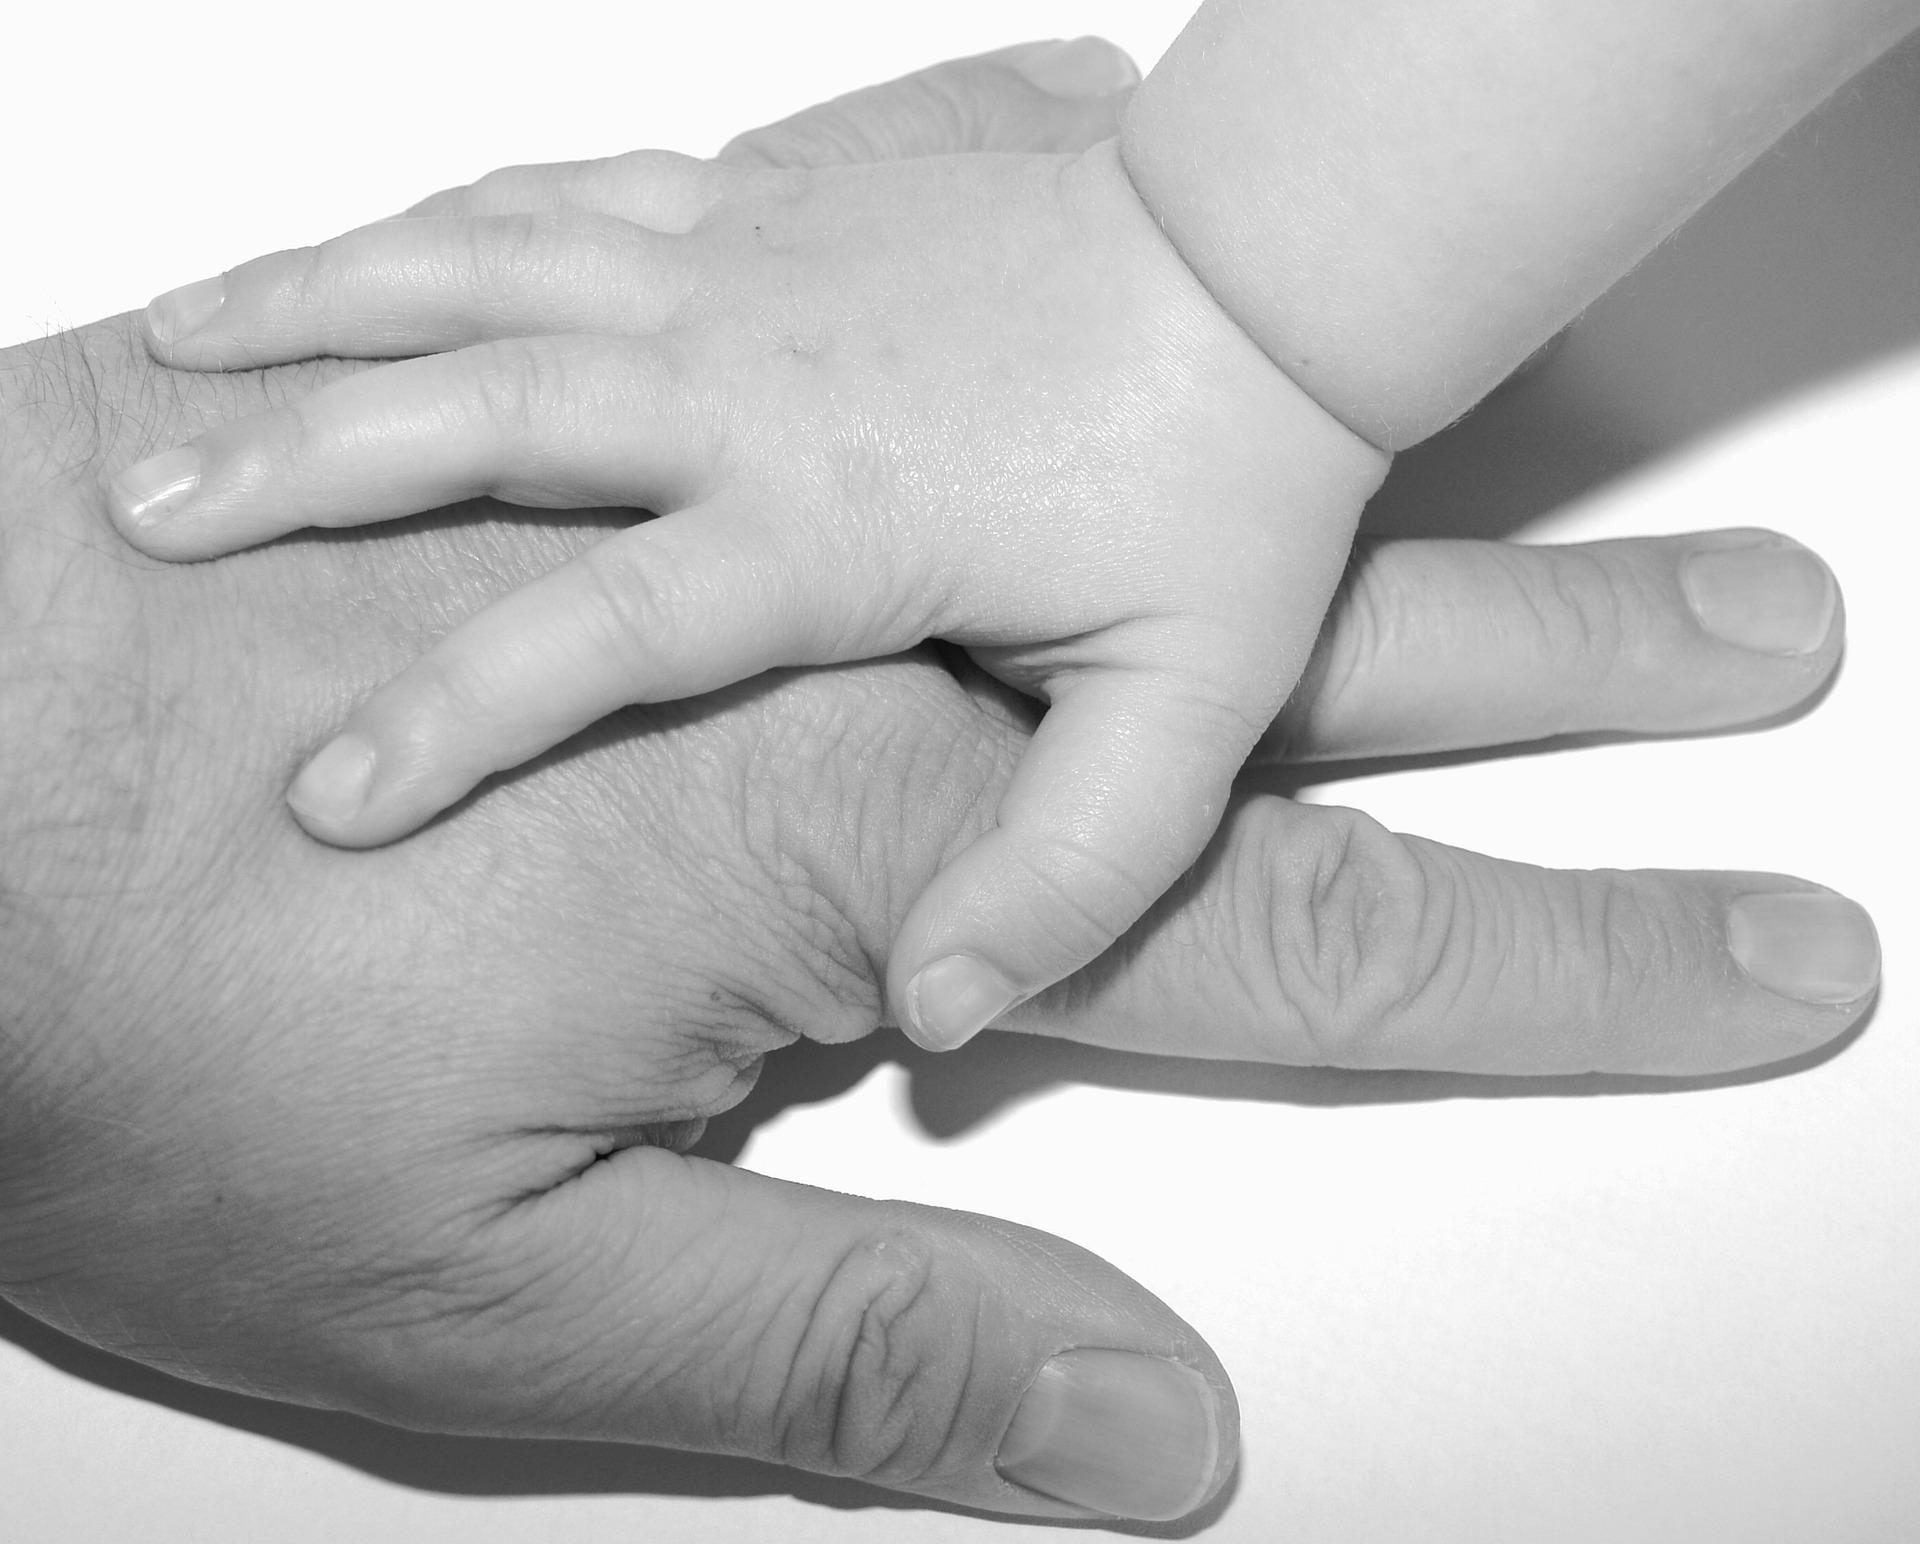 העצמה משפחתית, חשיבה חיובית, אימון אישי, הדרכה הורית, משפחה